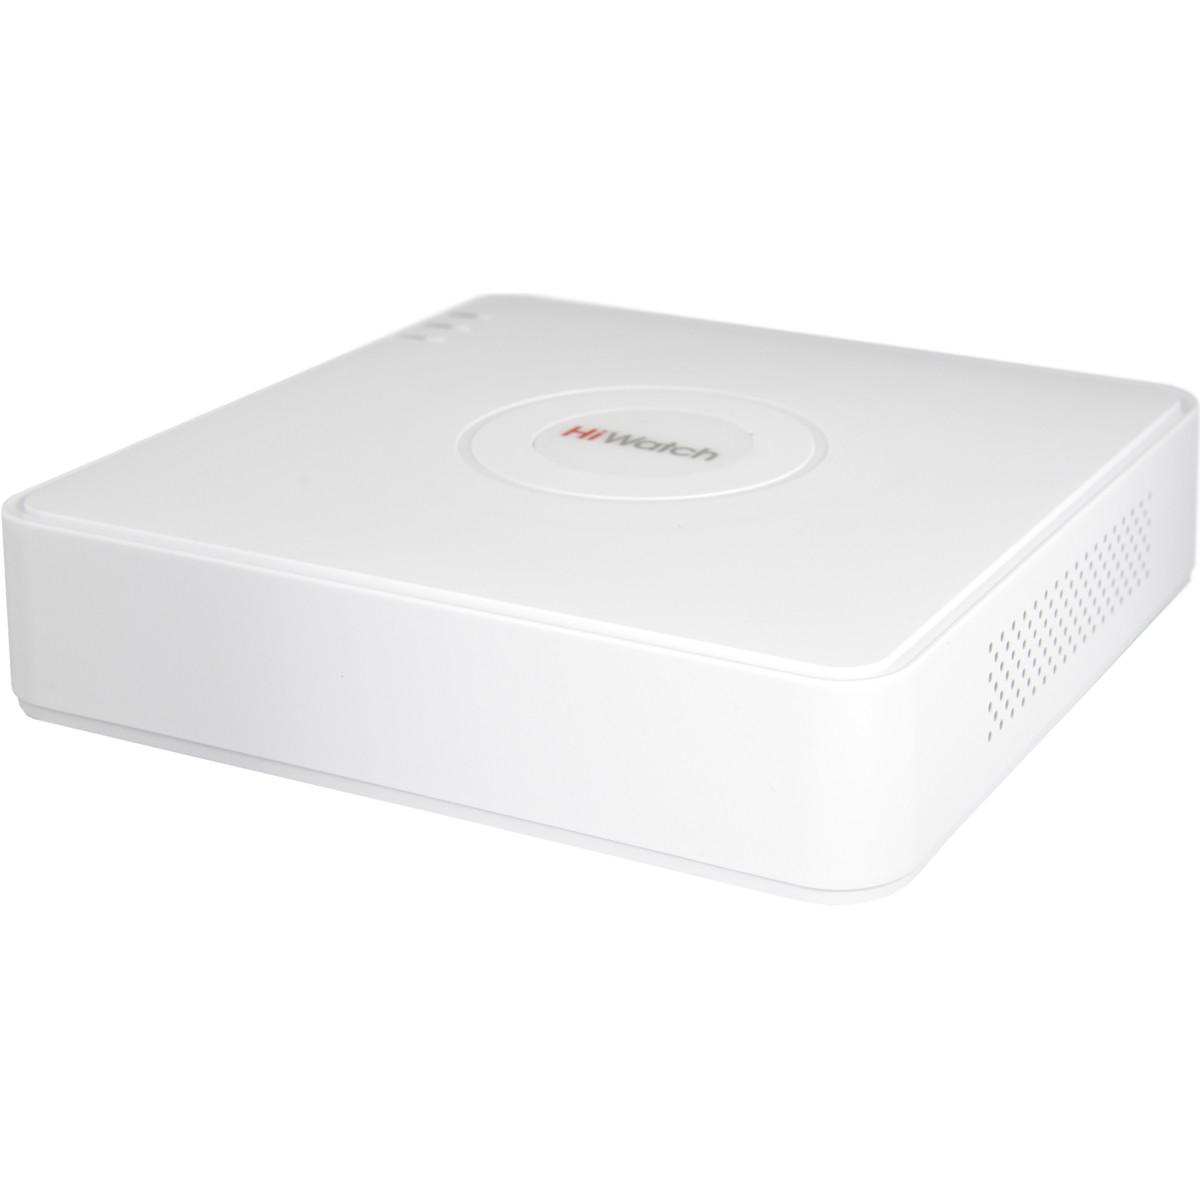 Комплект Регистратор Для Видеонаблюдения Hiwatch Ds-H108g